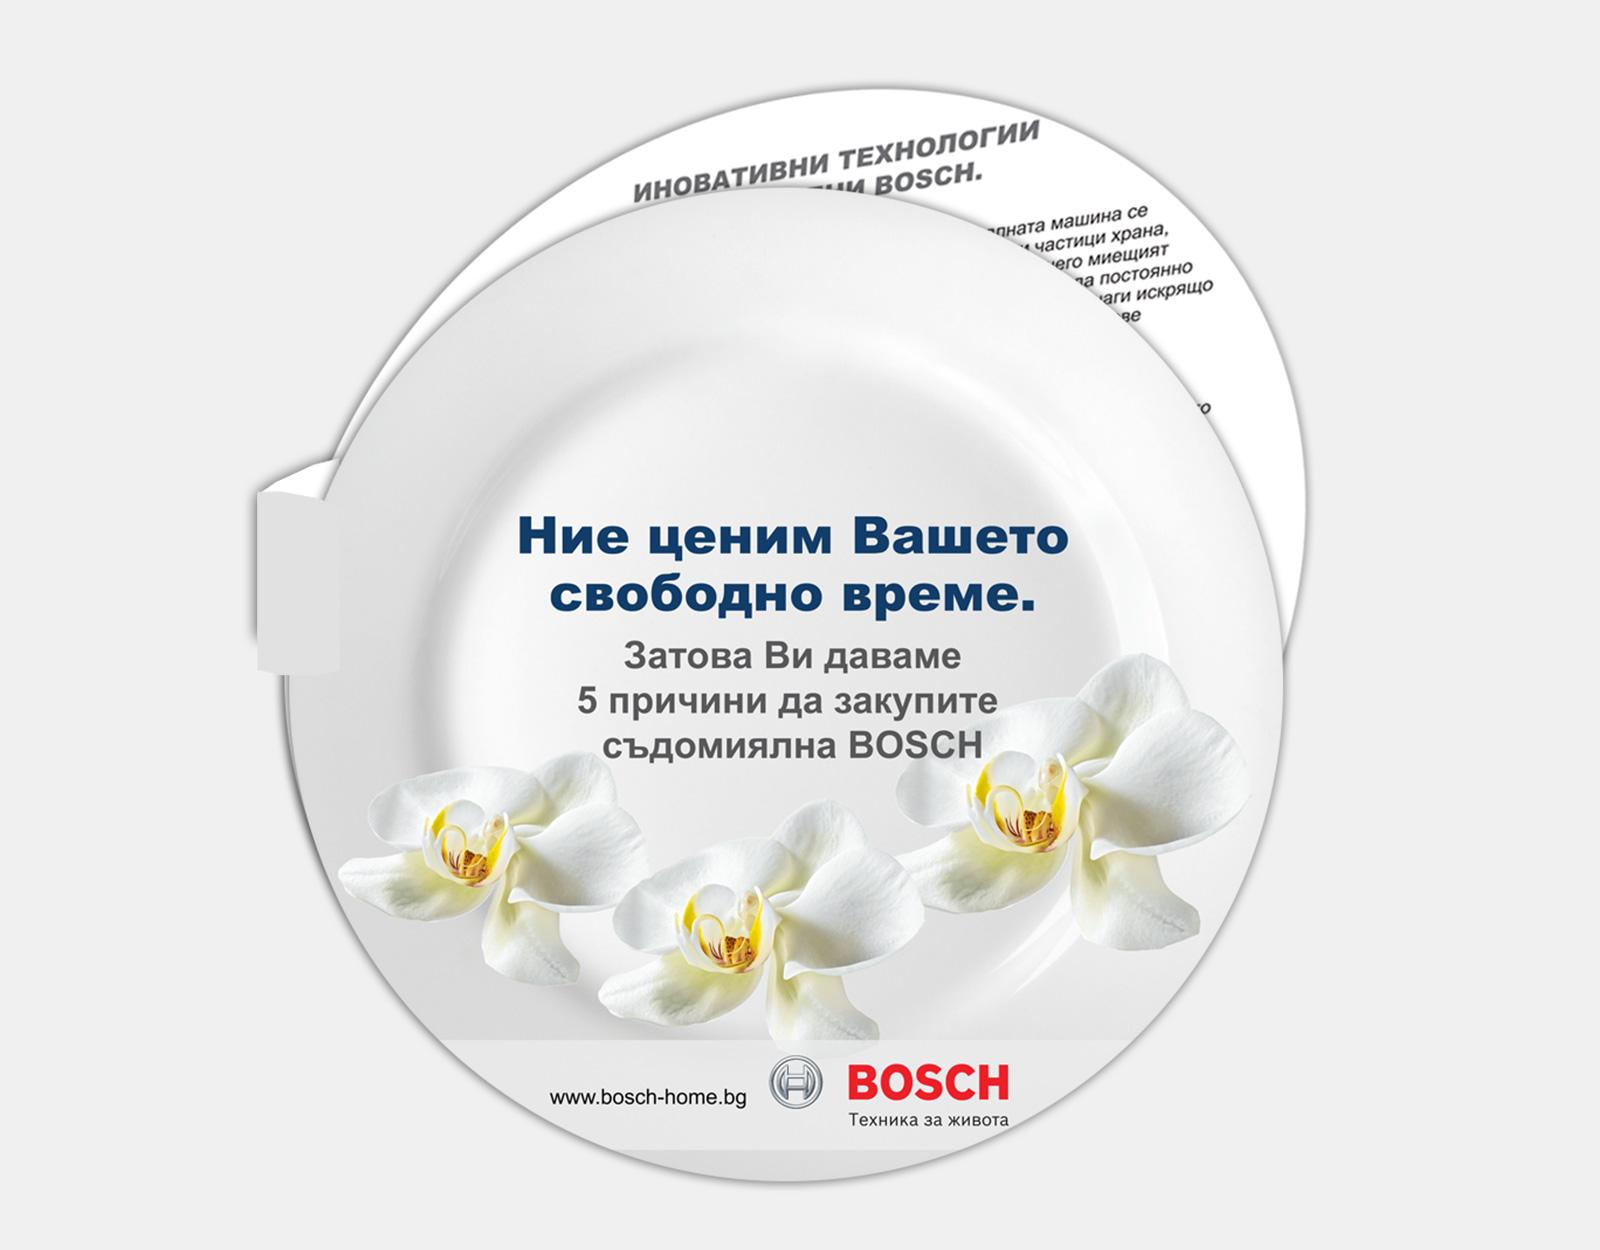 ПОС/ Bosch